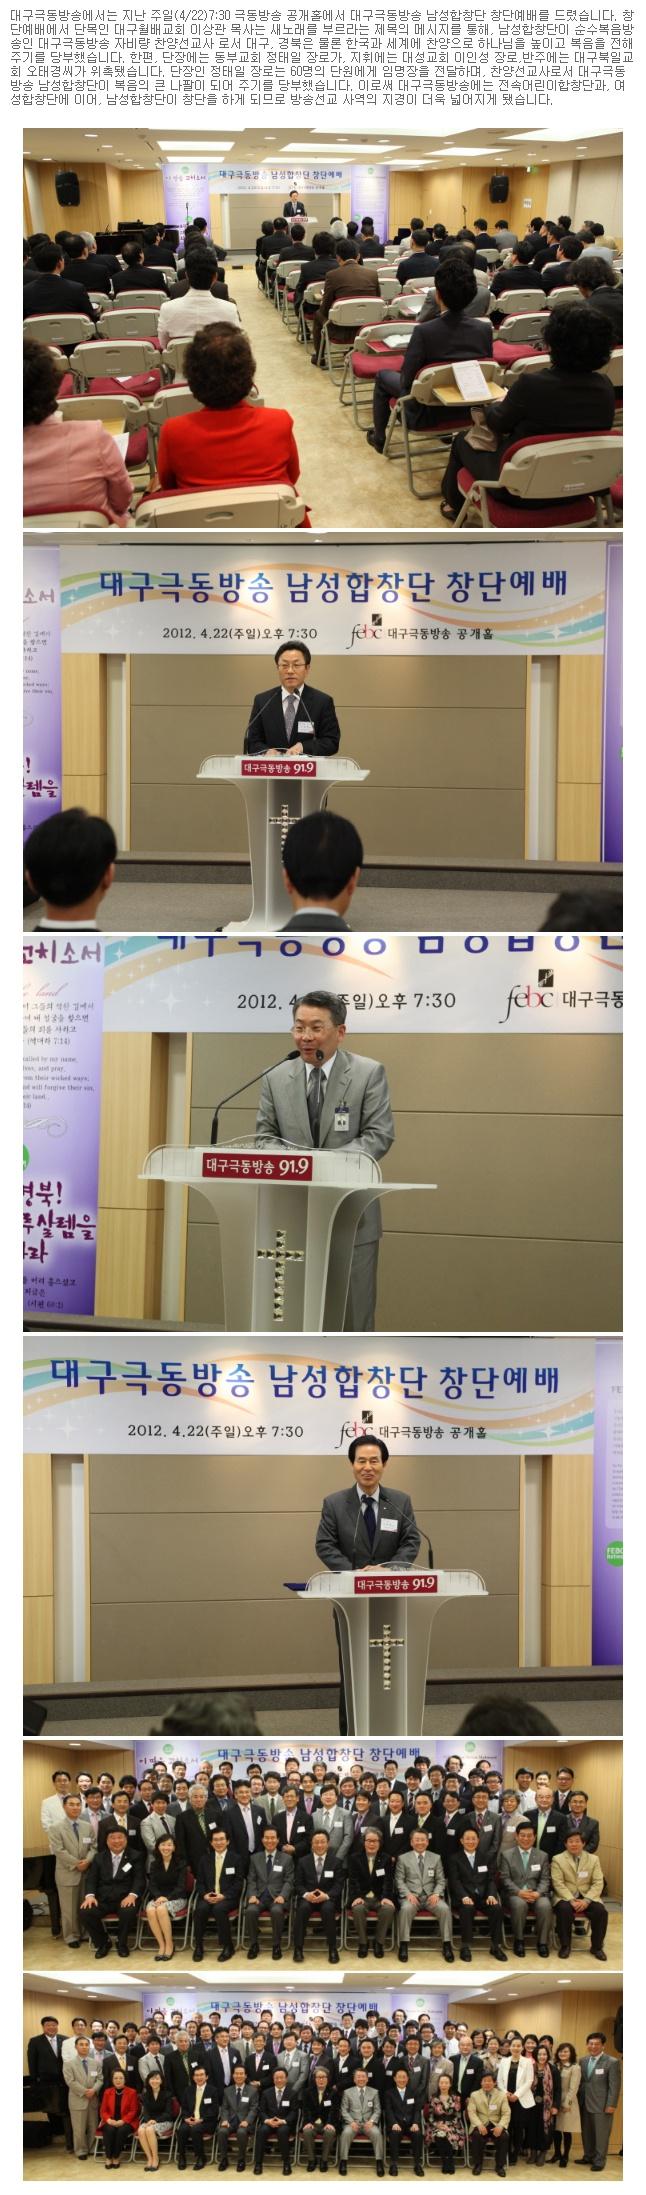 27. 대구극동방송 남성합창단 창단예배.jpg